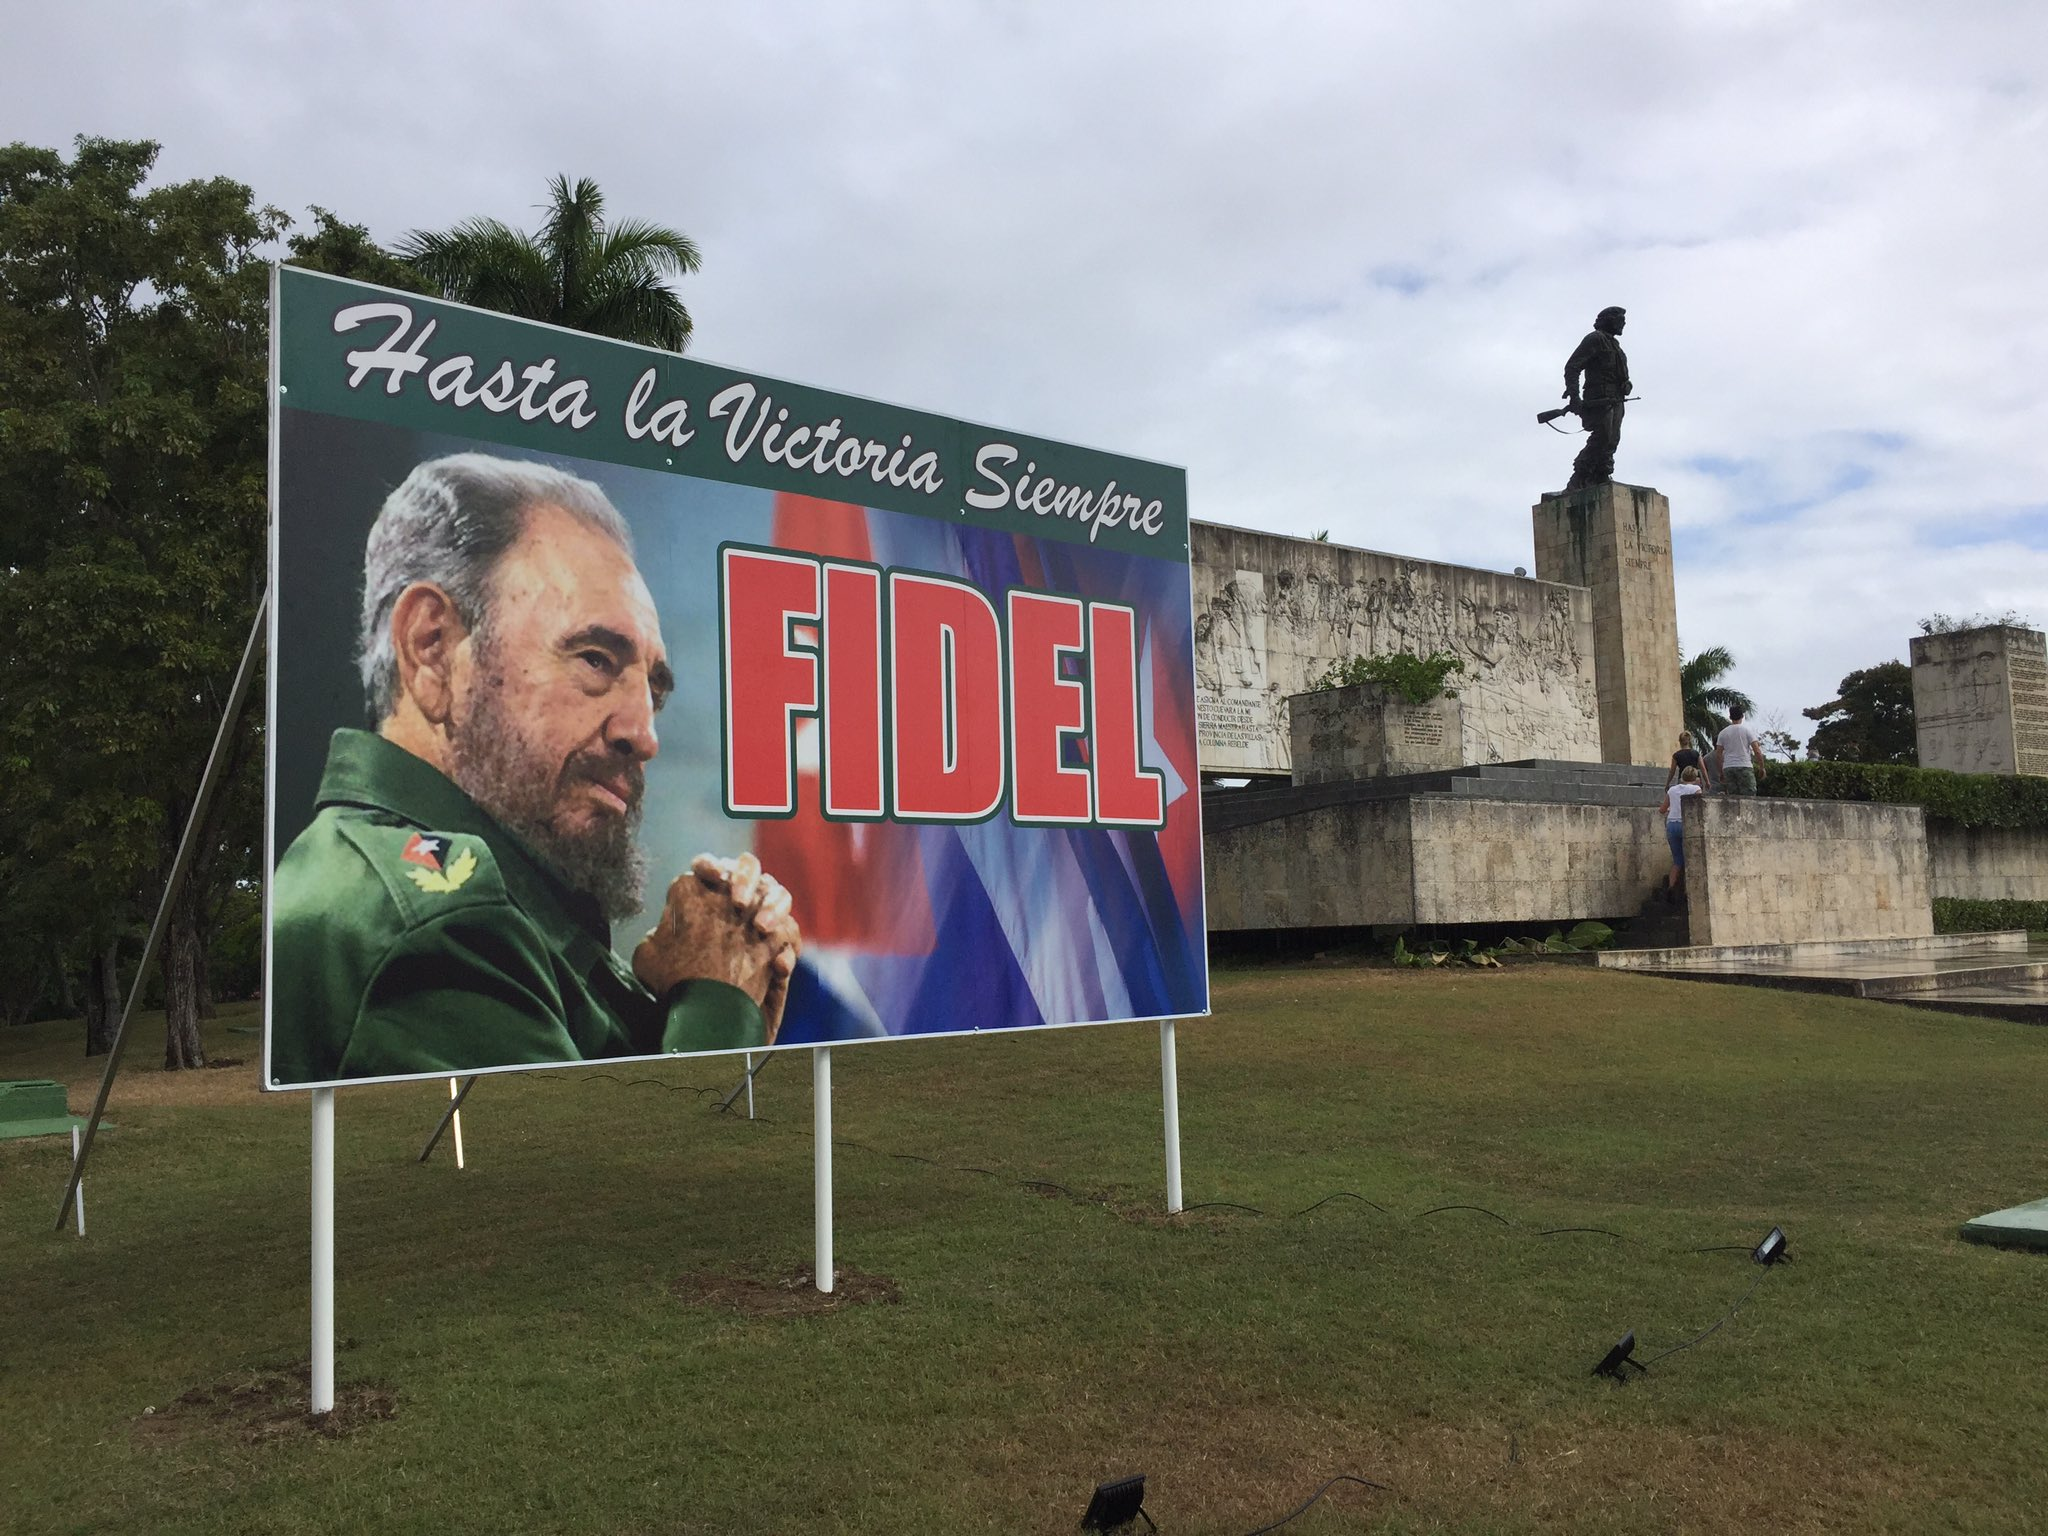 Hoy Fidel y el Che se reencuentran. Esta noche la caravana de la libertad llega hasta aquí: la plaza de la revolución en Santa Clara. https://t.co/eleSLJdvNn